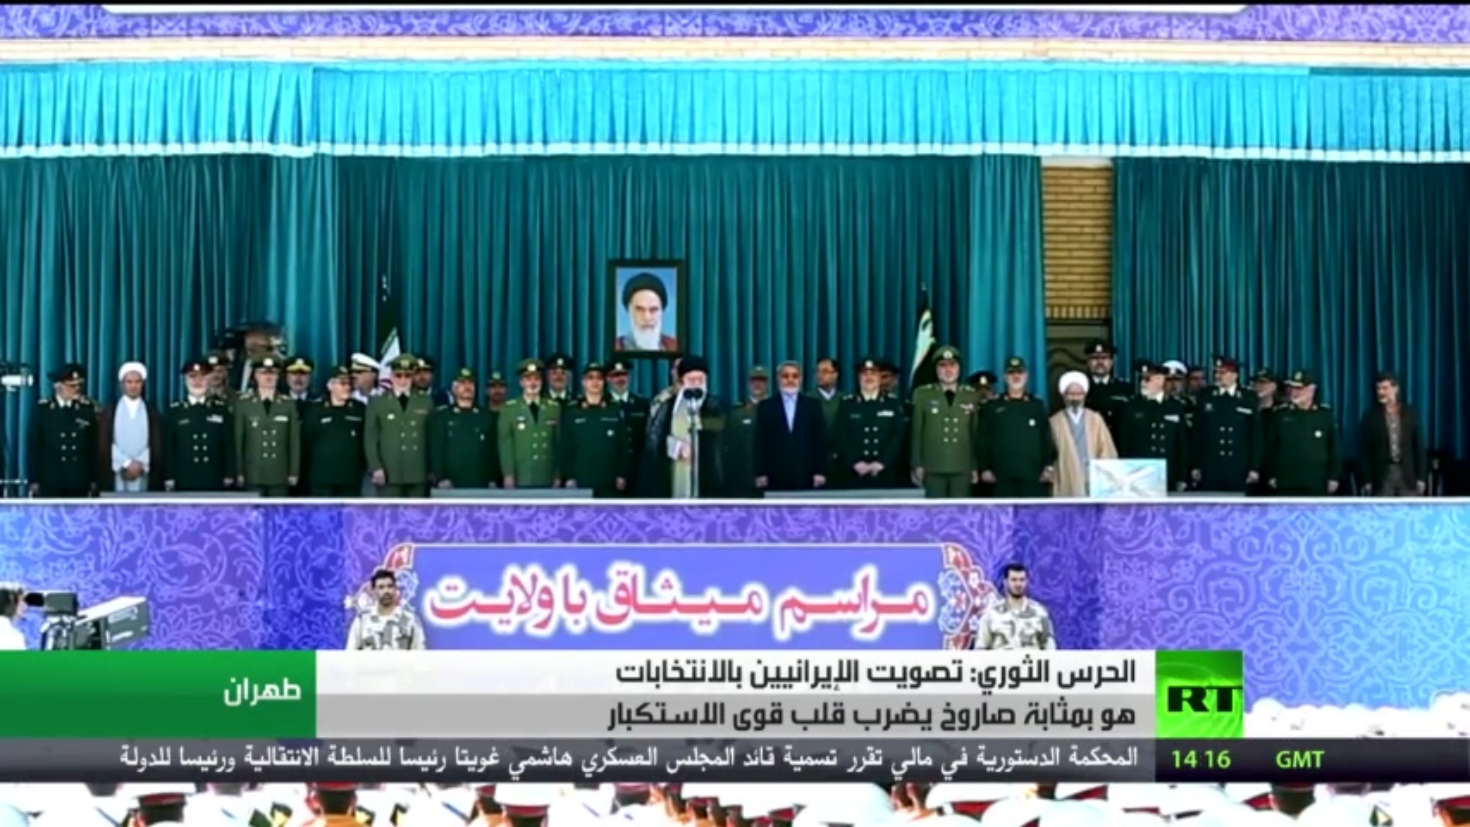 الحرس يدعو الإيرانيين للمشاركة بالانتخابات